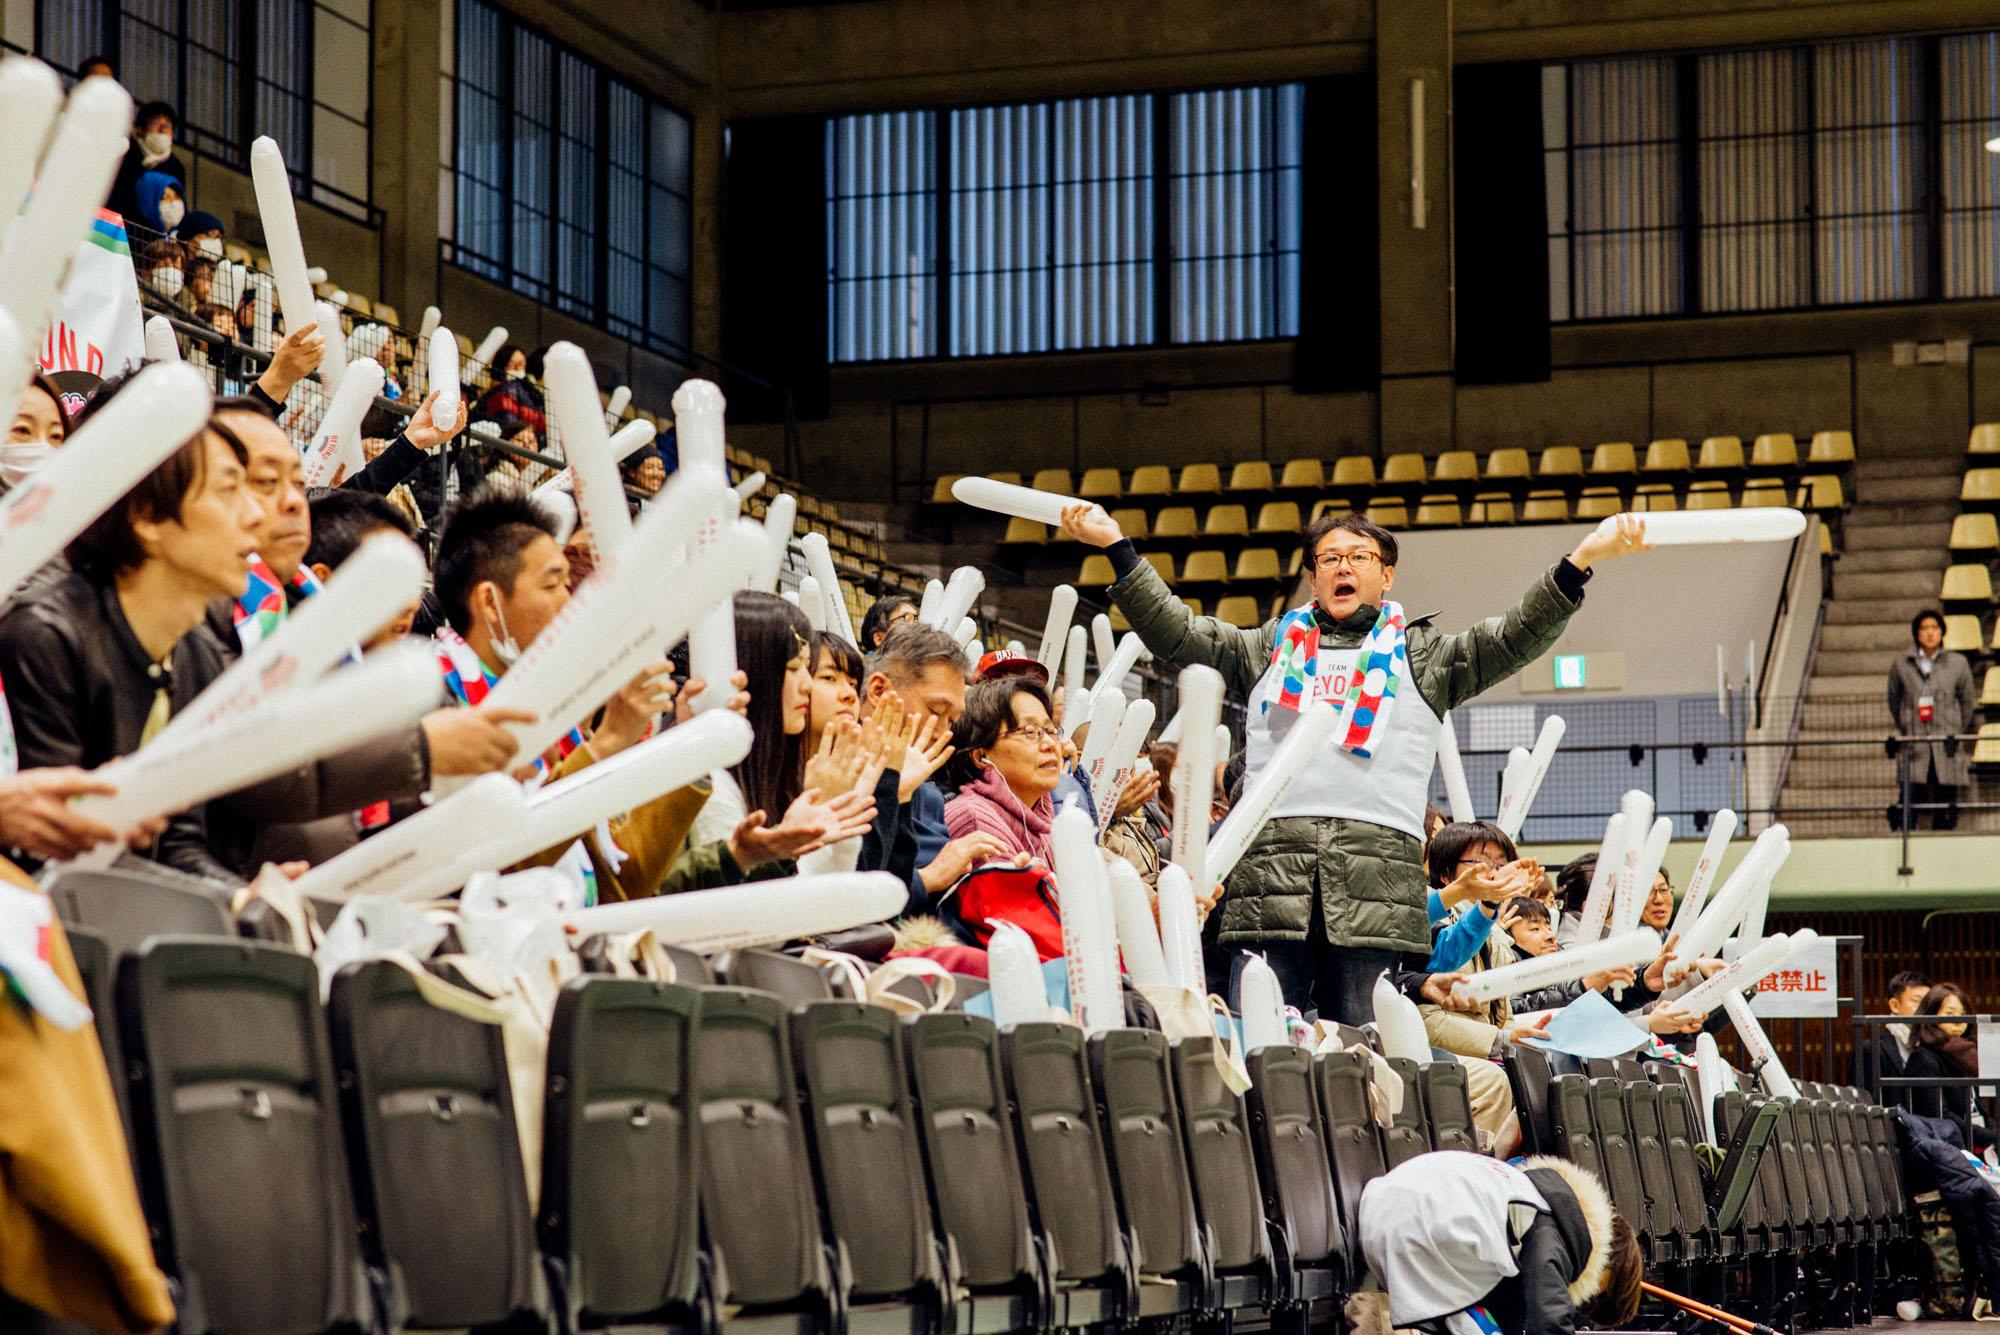 応援のかたちは会場でつくりあげる!パラスポーツの観戦、応援、パフォーマンスを楽しんだ「BEYOND STADIUM」